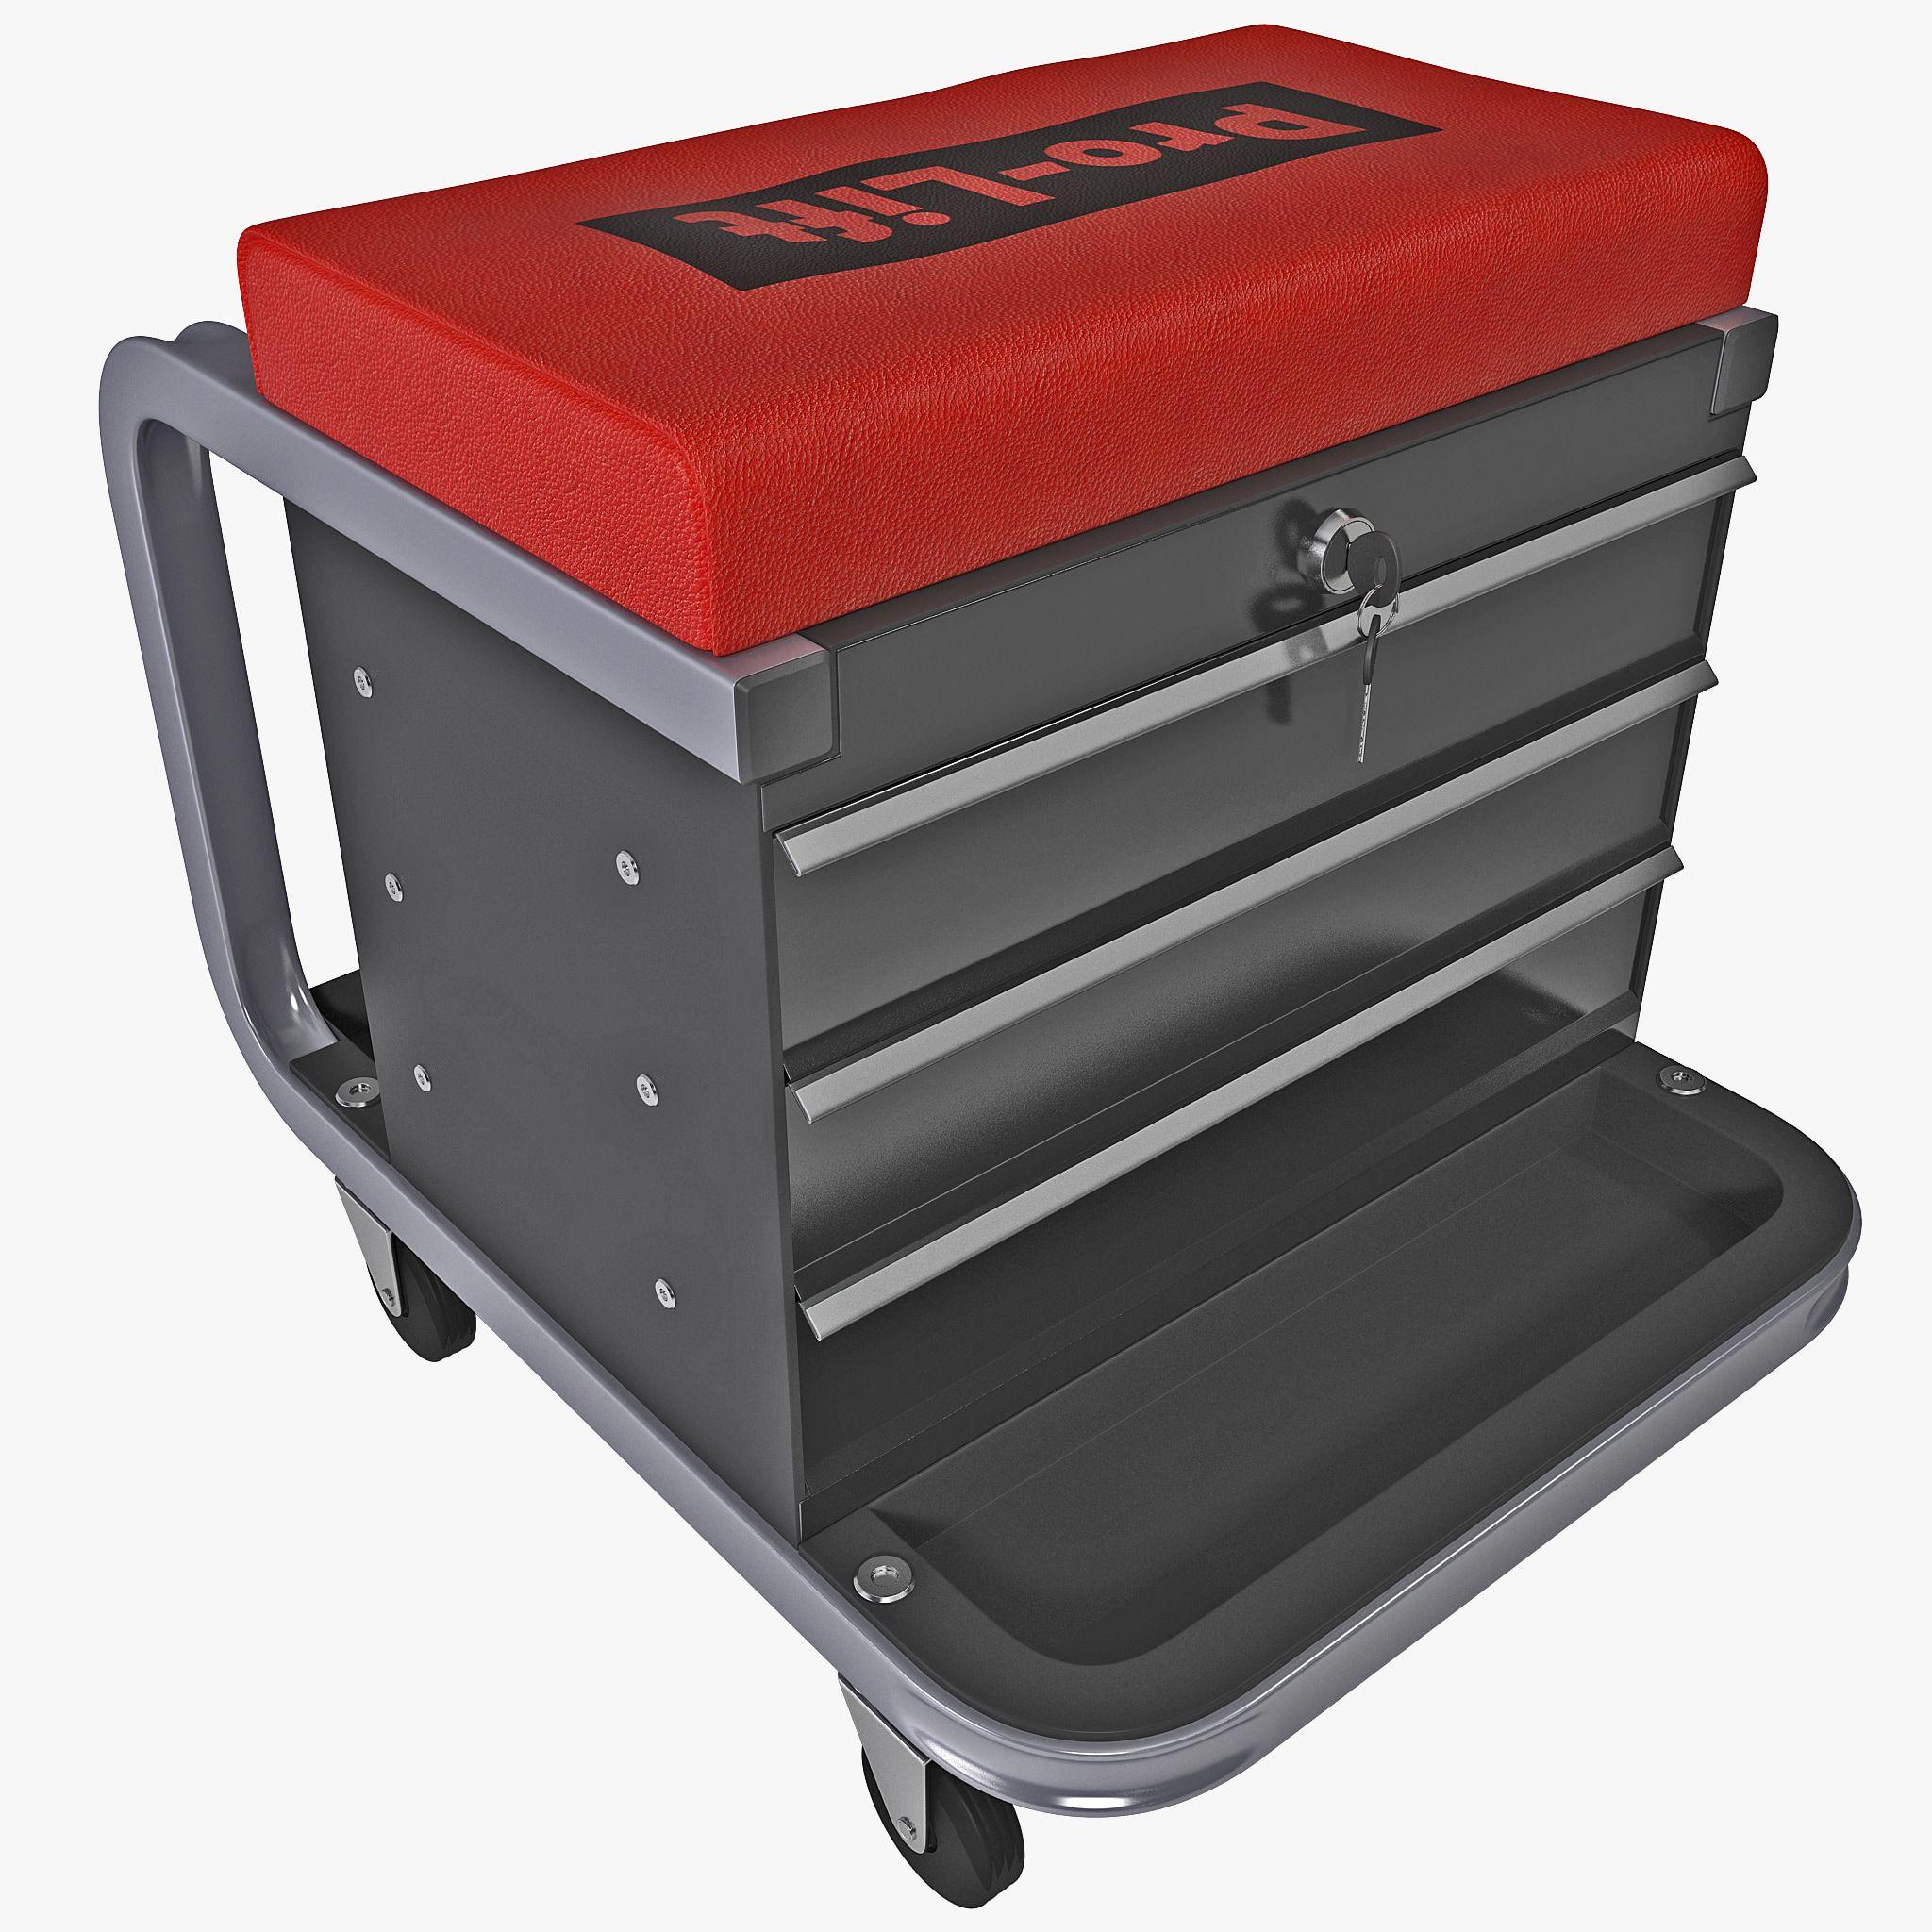 3d Toolbox Creeper Seat Model 3d Model Tool Box Shop Stool 3d Model